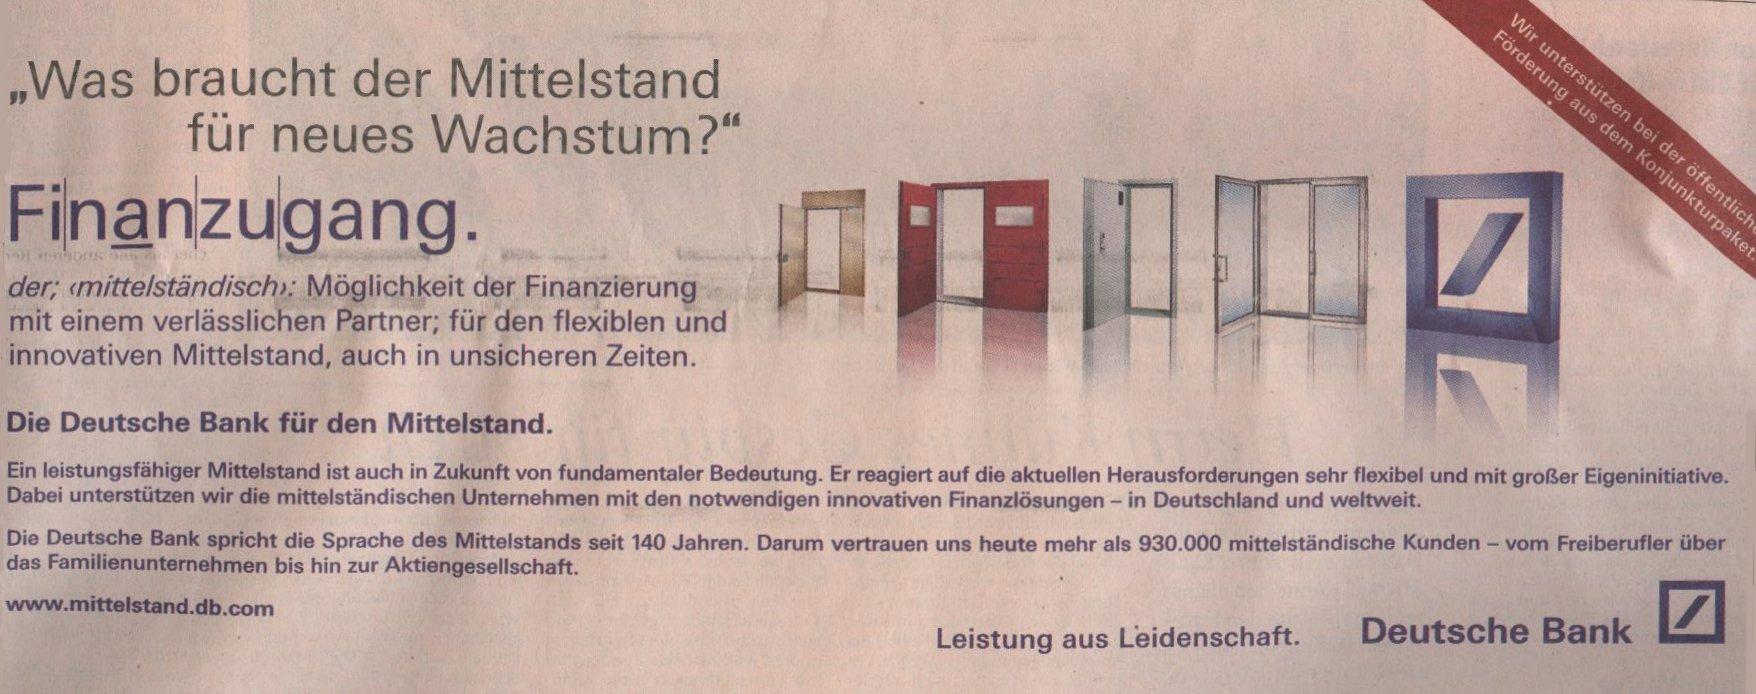 Die ganze Deutsche Bank-Werbung in der FTD vom 05.11.2009